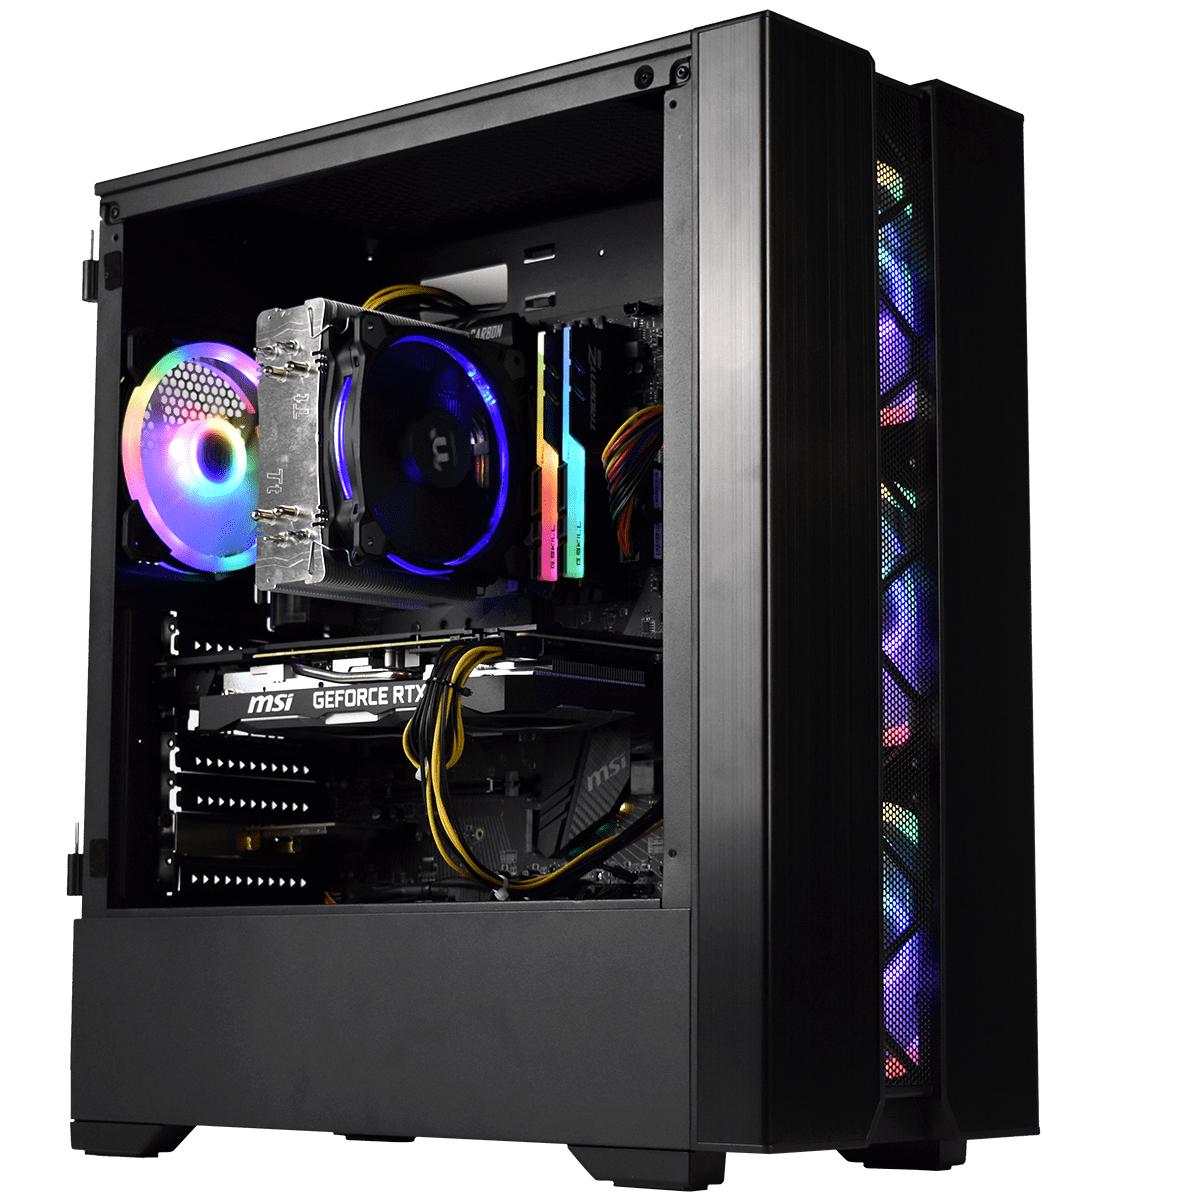 PC NEMESIS by CYBERTEK - Ryzen 7 3700X, 16Go RAM, 1To SSD M2, RTX 2070, Sans OS ou 1619€ avex W10